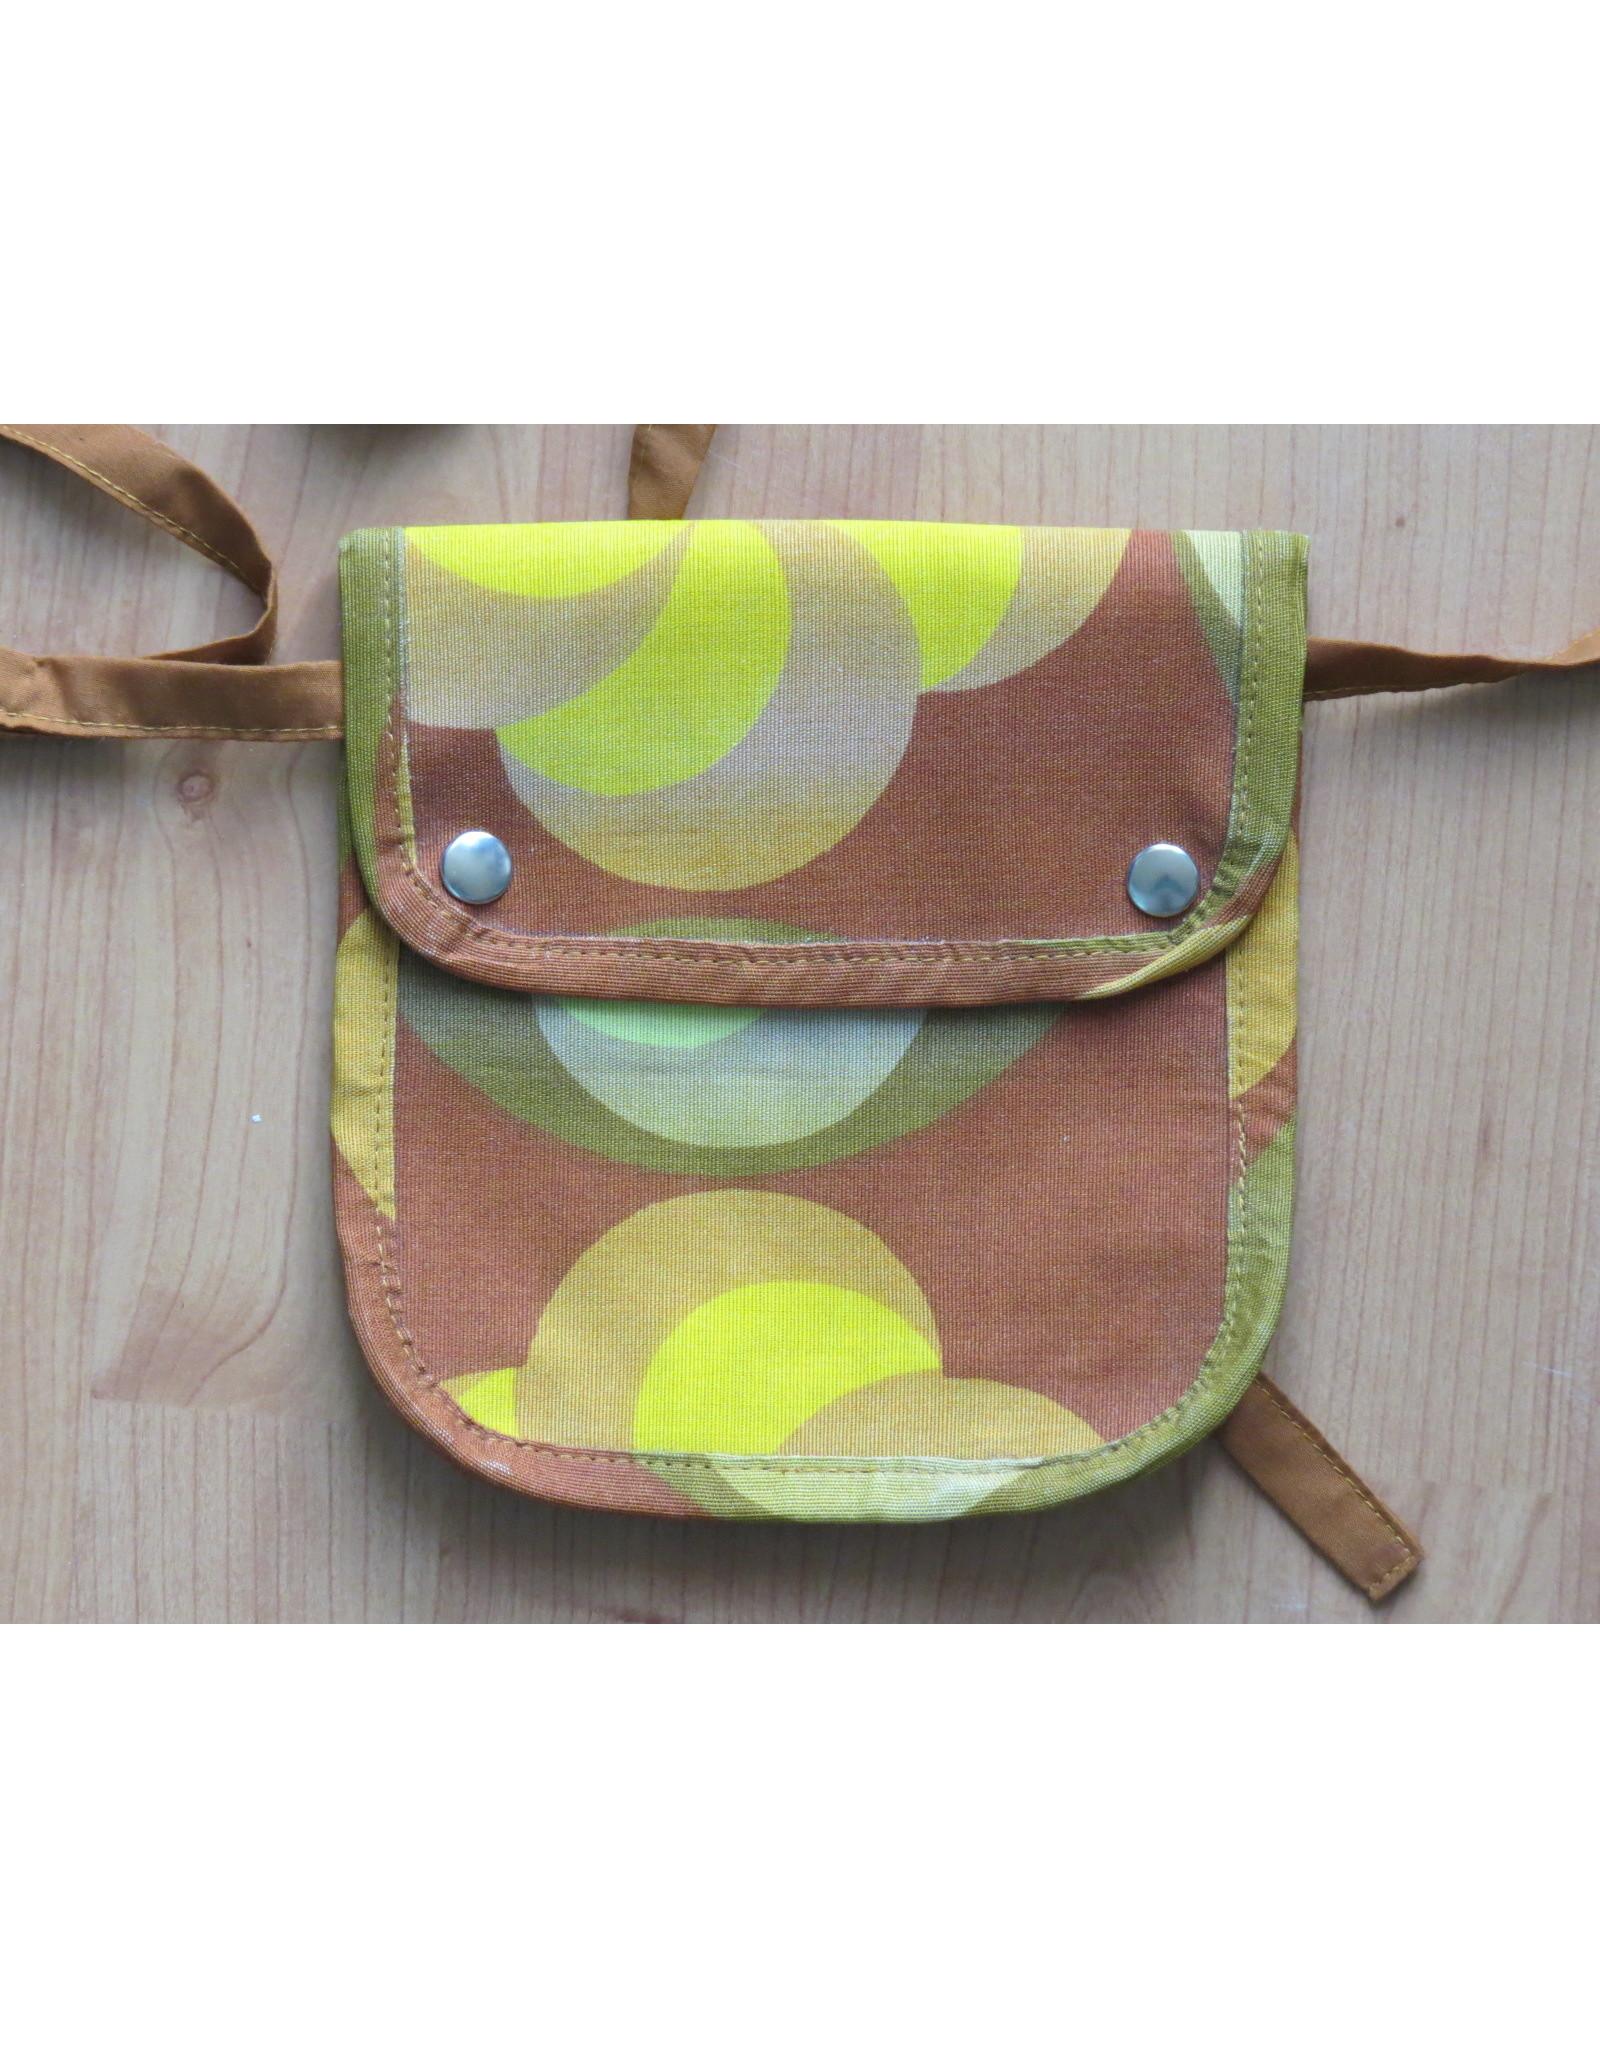 Huisteil Small shoulder bag - retro print